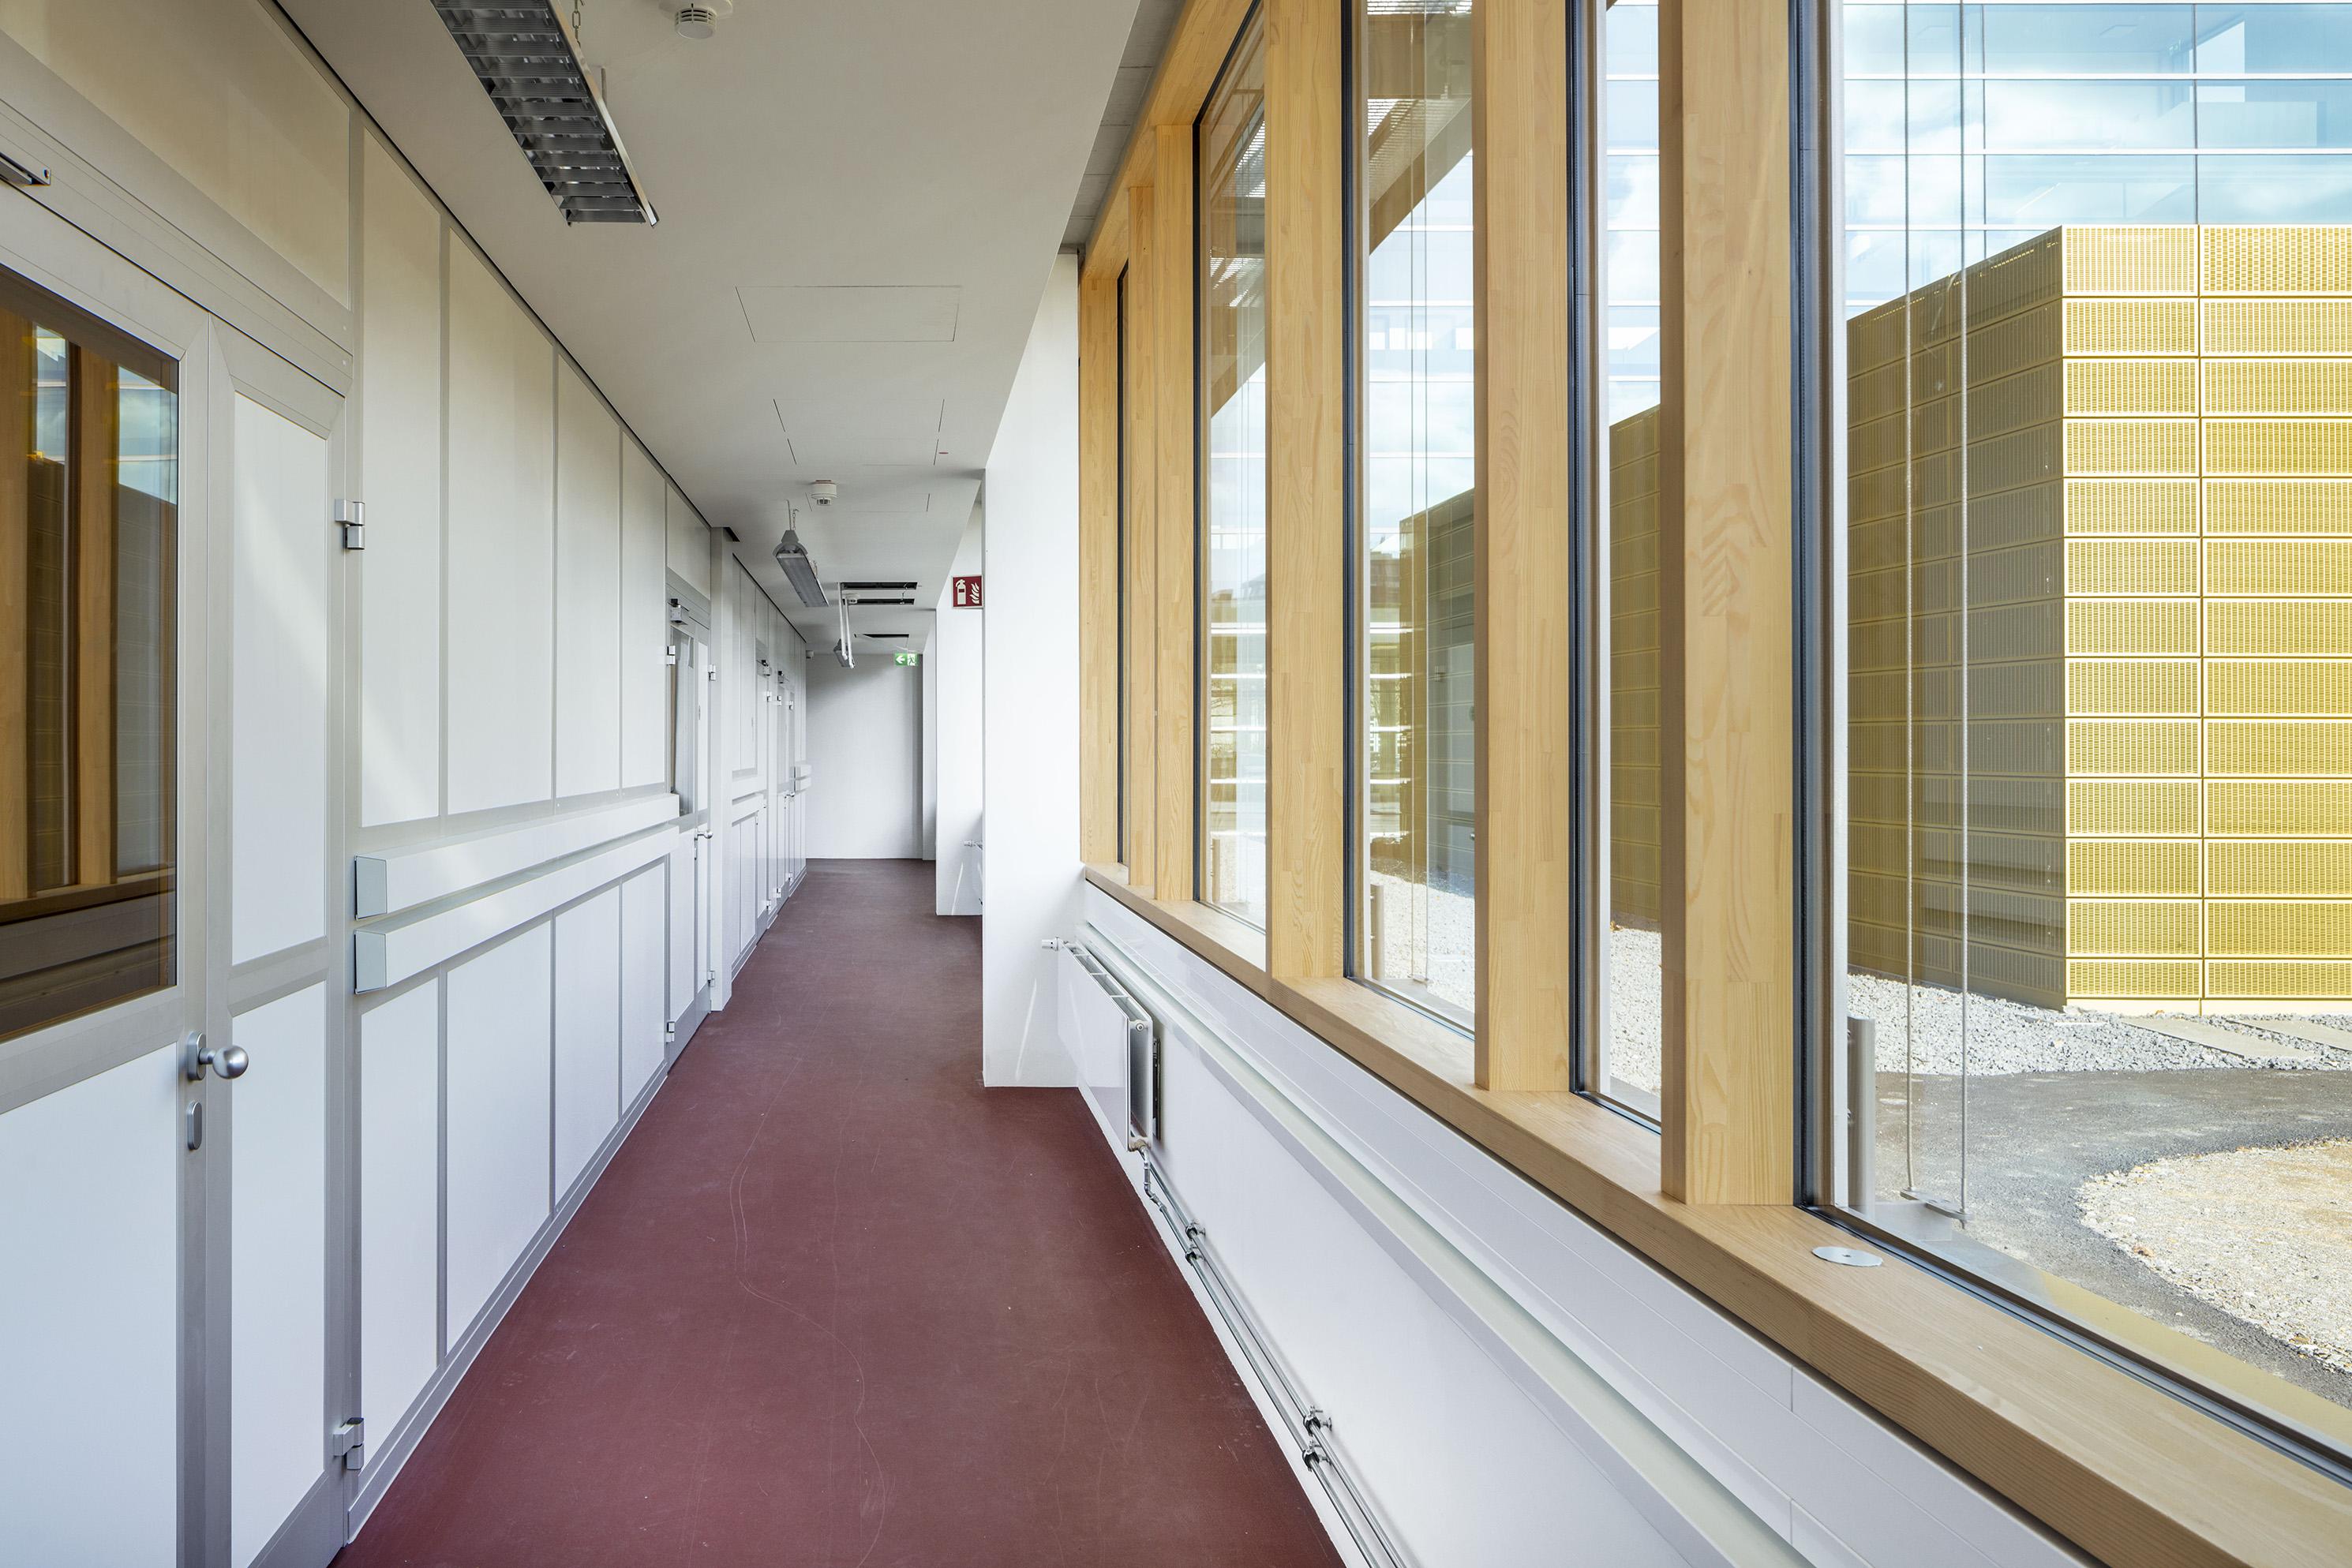 Materialforschung (CAM) Heidelberg 9 - ArGe Architekten